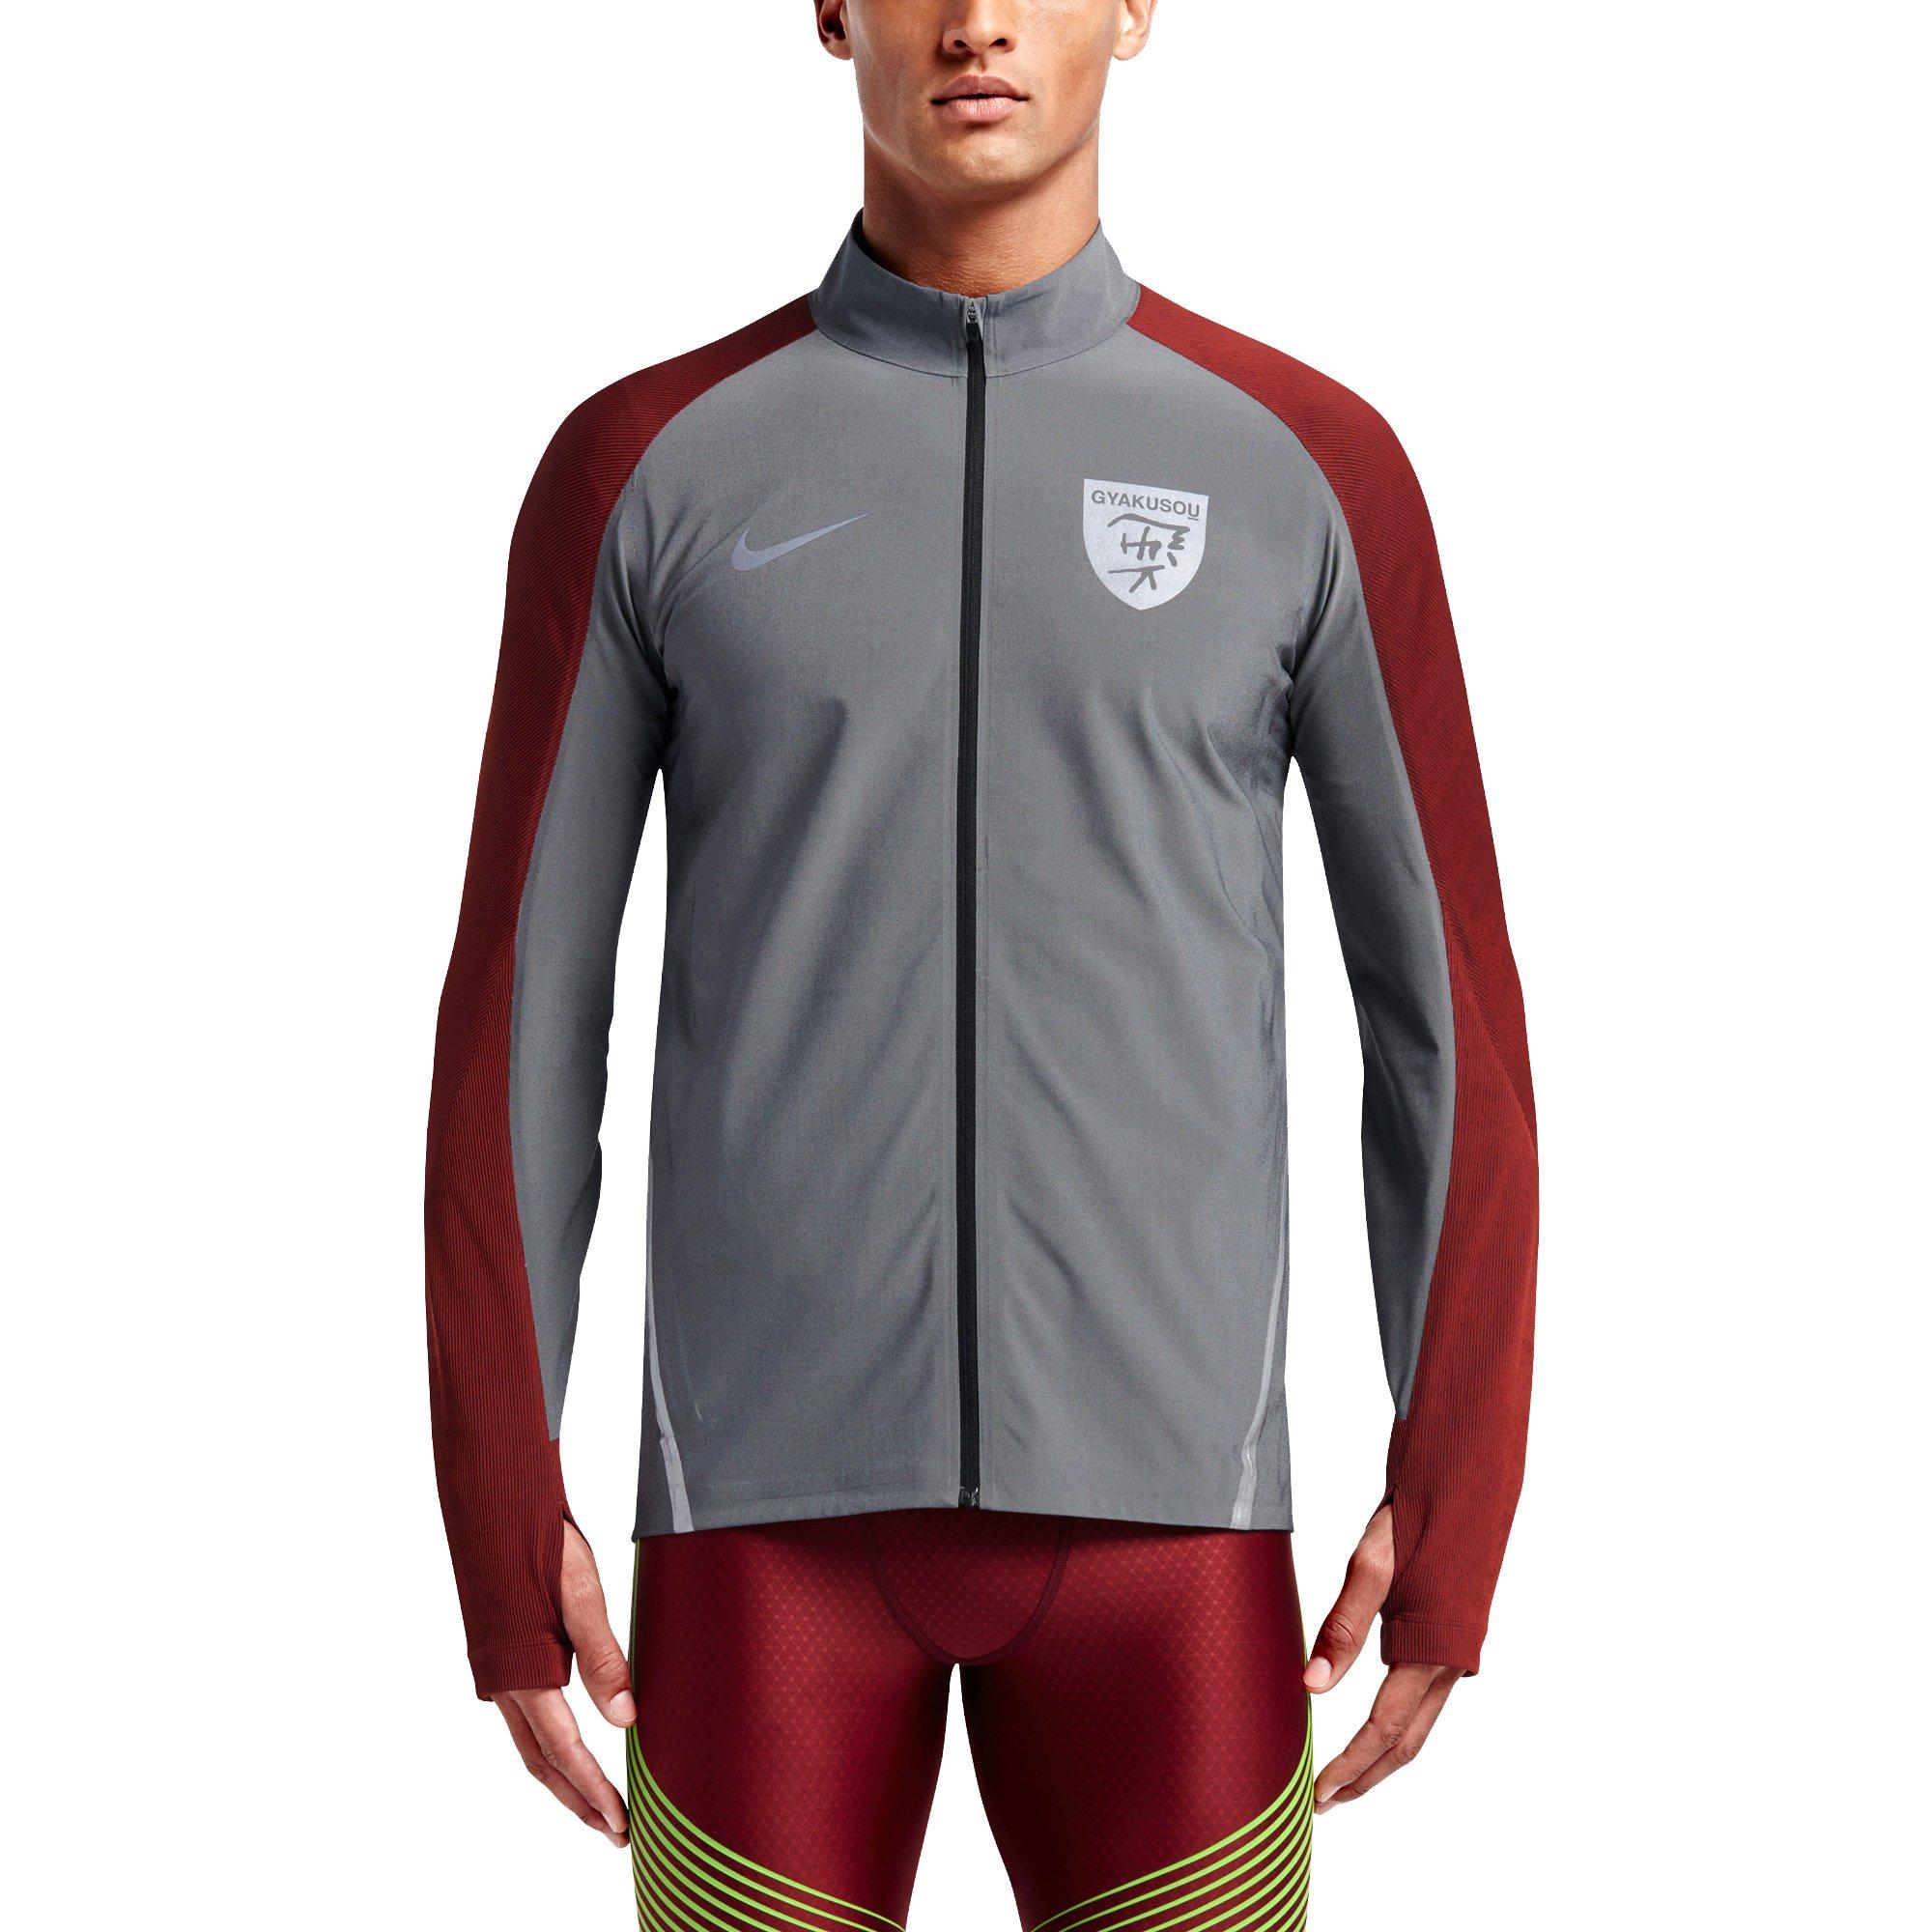 NIKE Lab Gyakusou Dry Stadium Men's Jacket (Large, Black Heather/Silver/Dark Cayenne) by NIKE